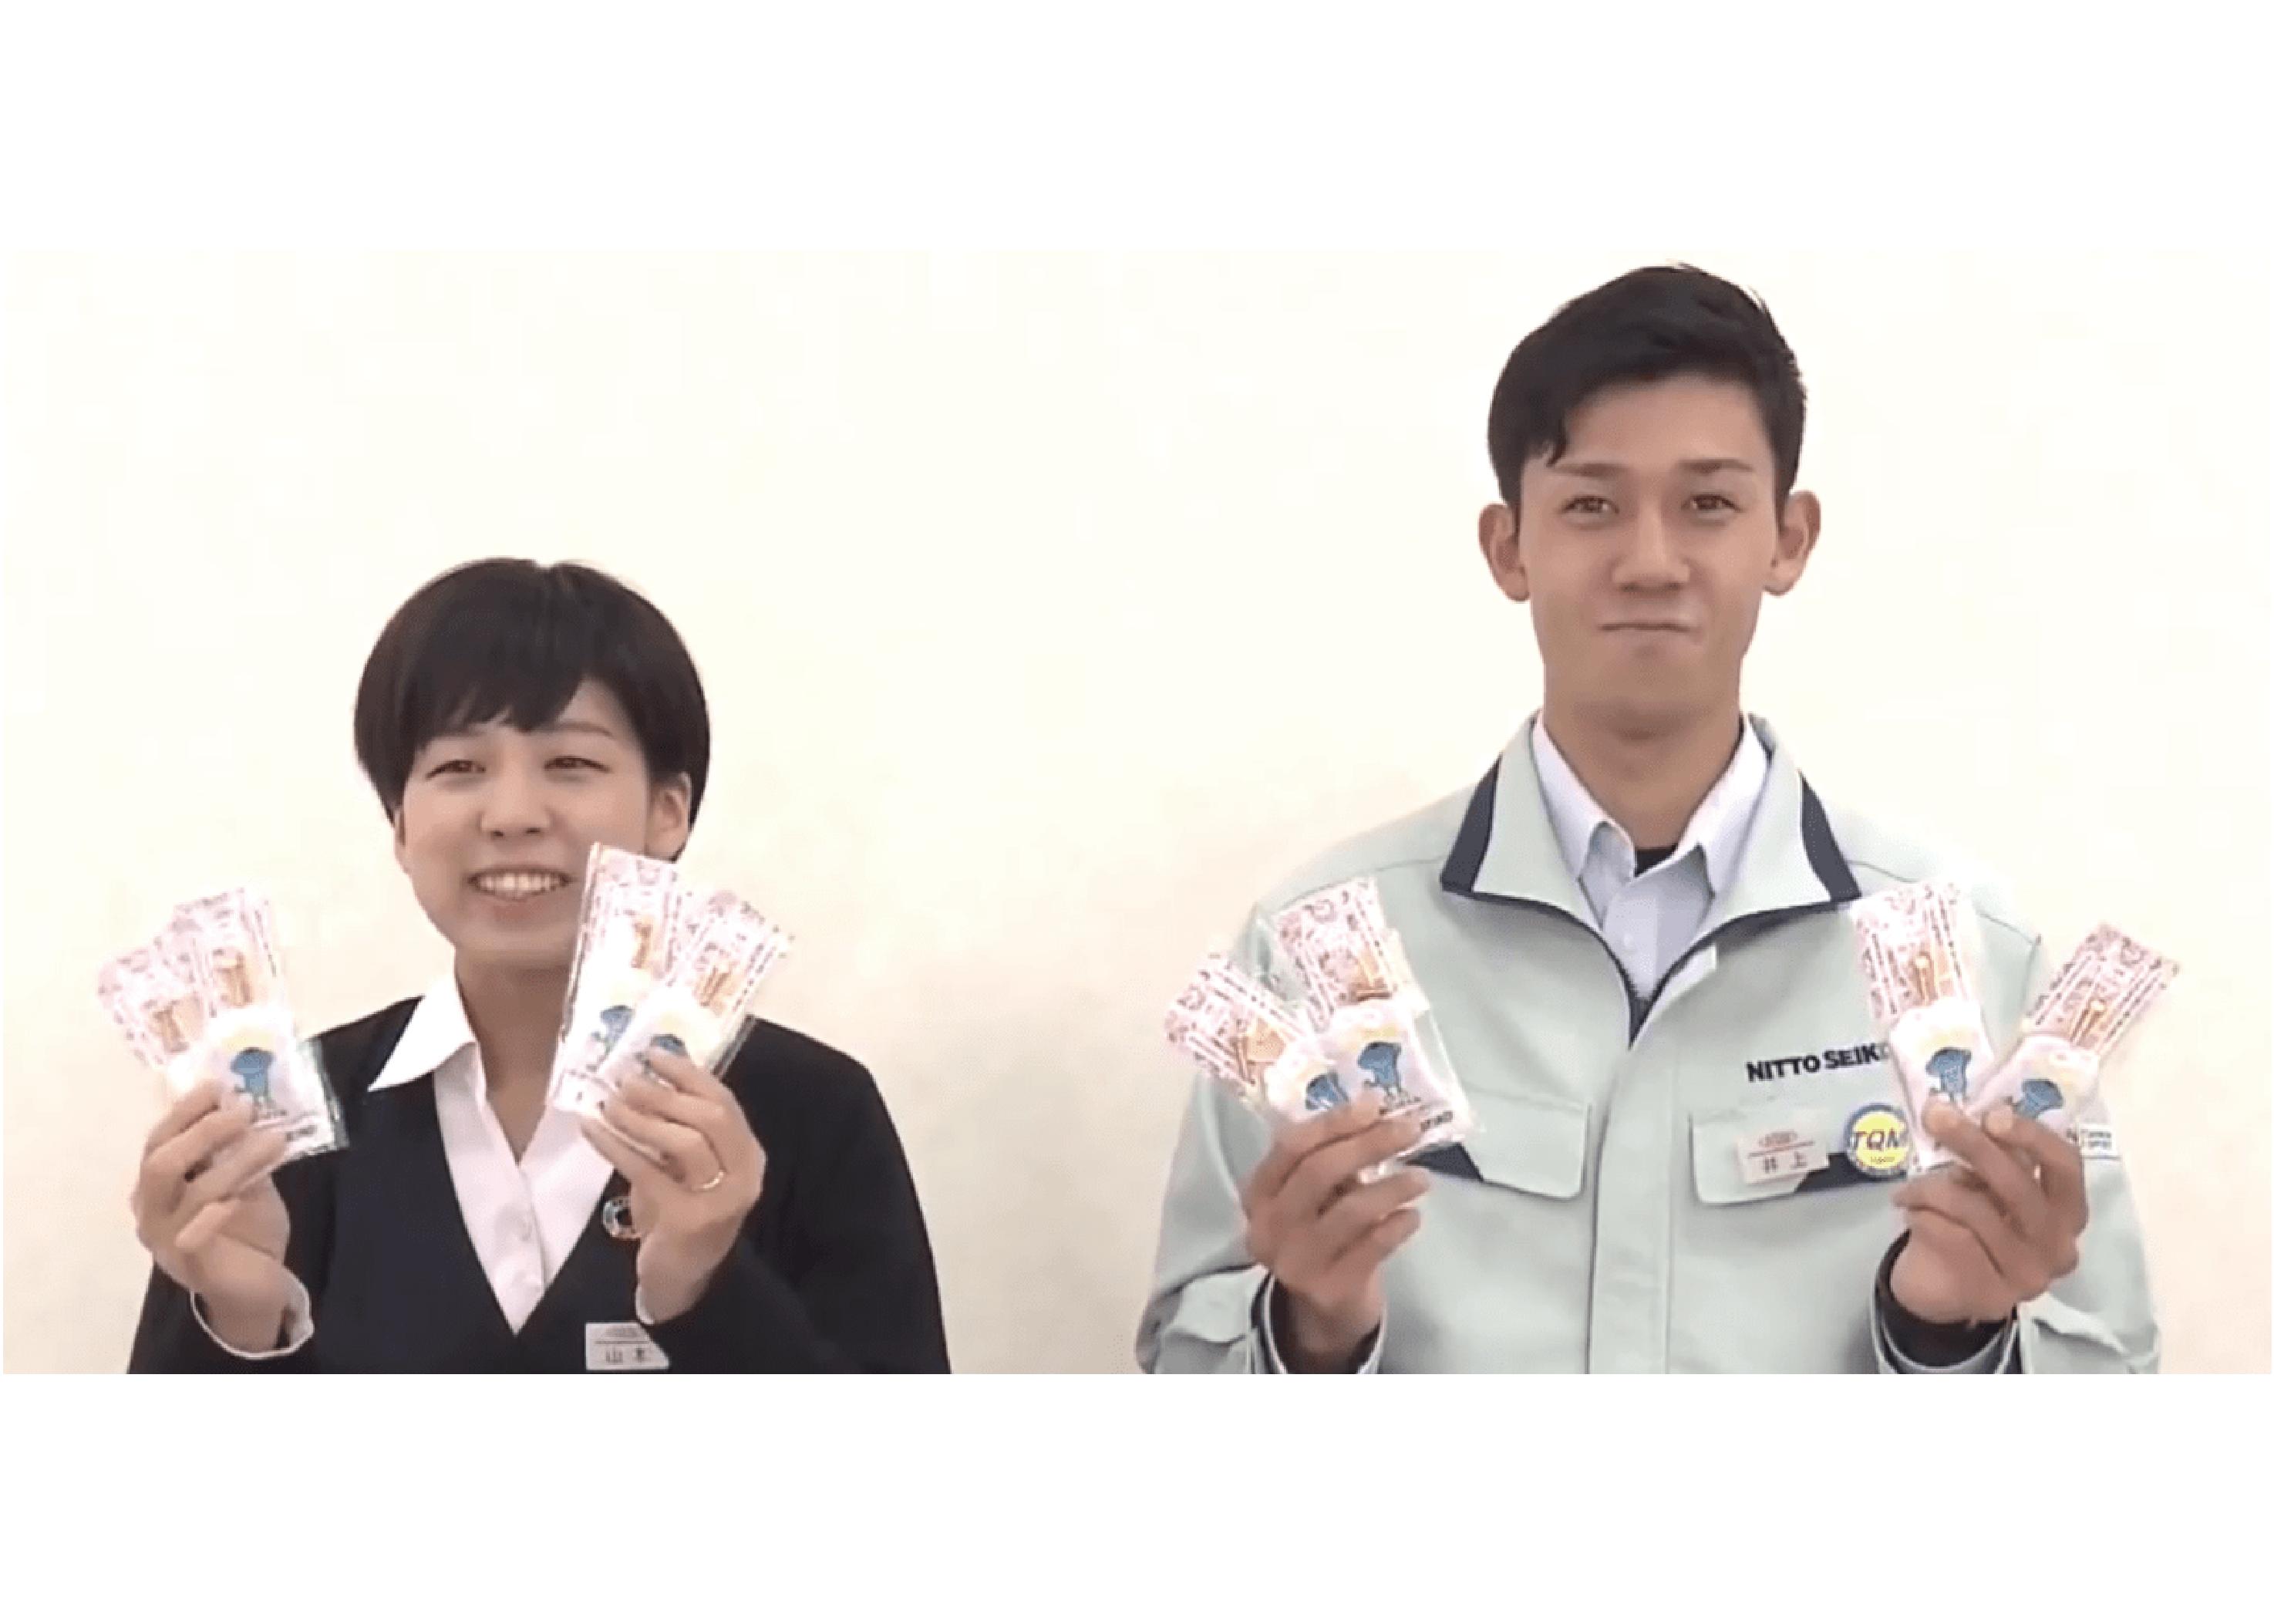 【テレビ放送】受験生応援ねじプレゼントキャンペーン